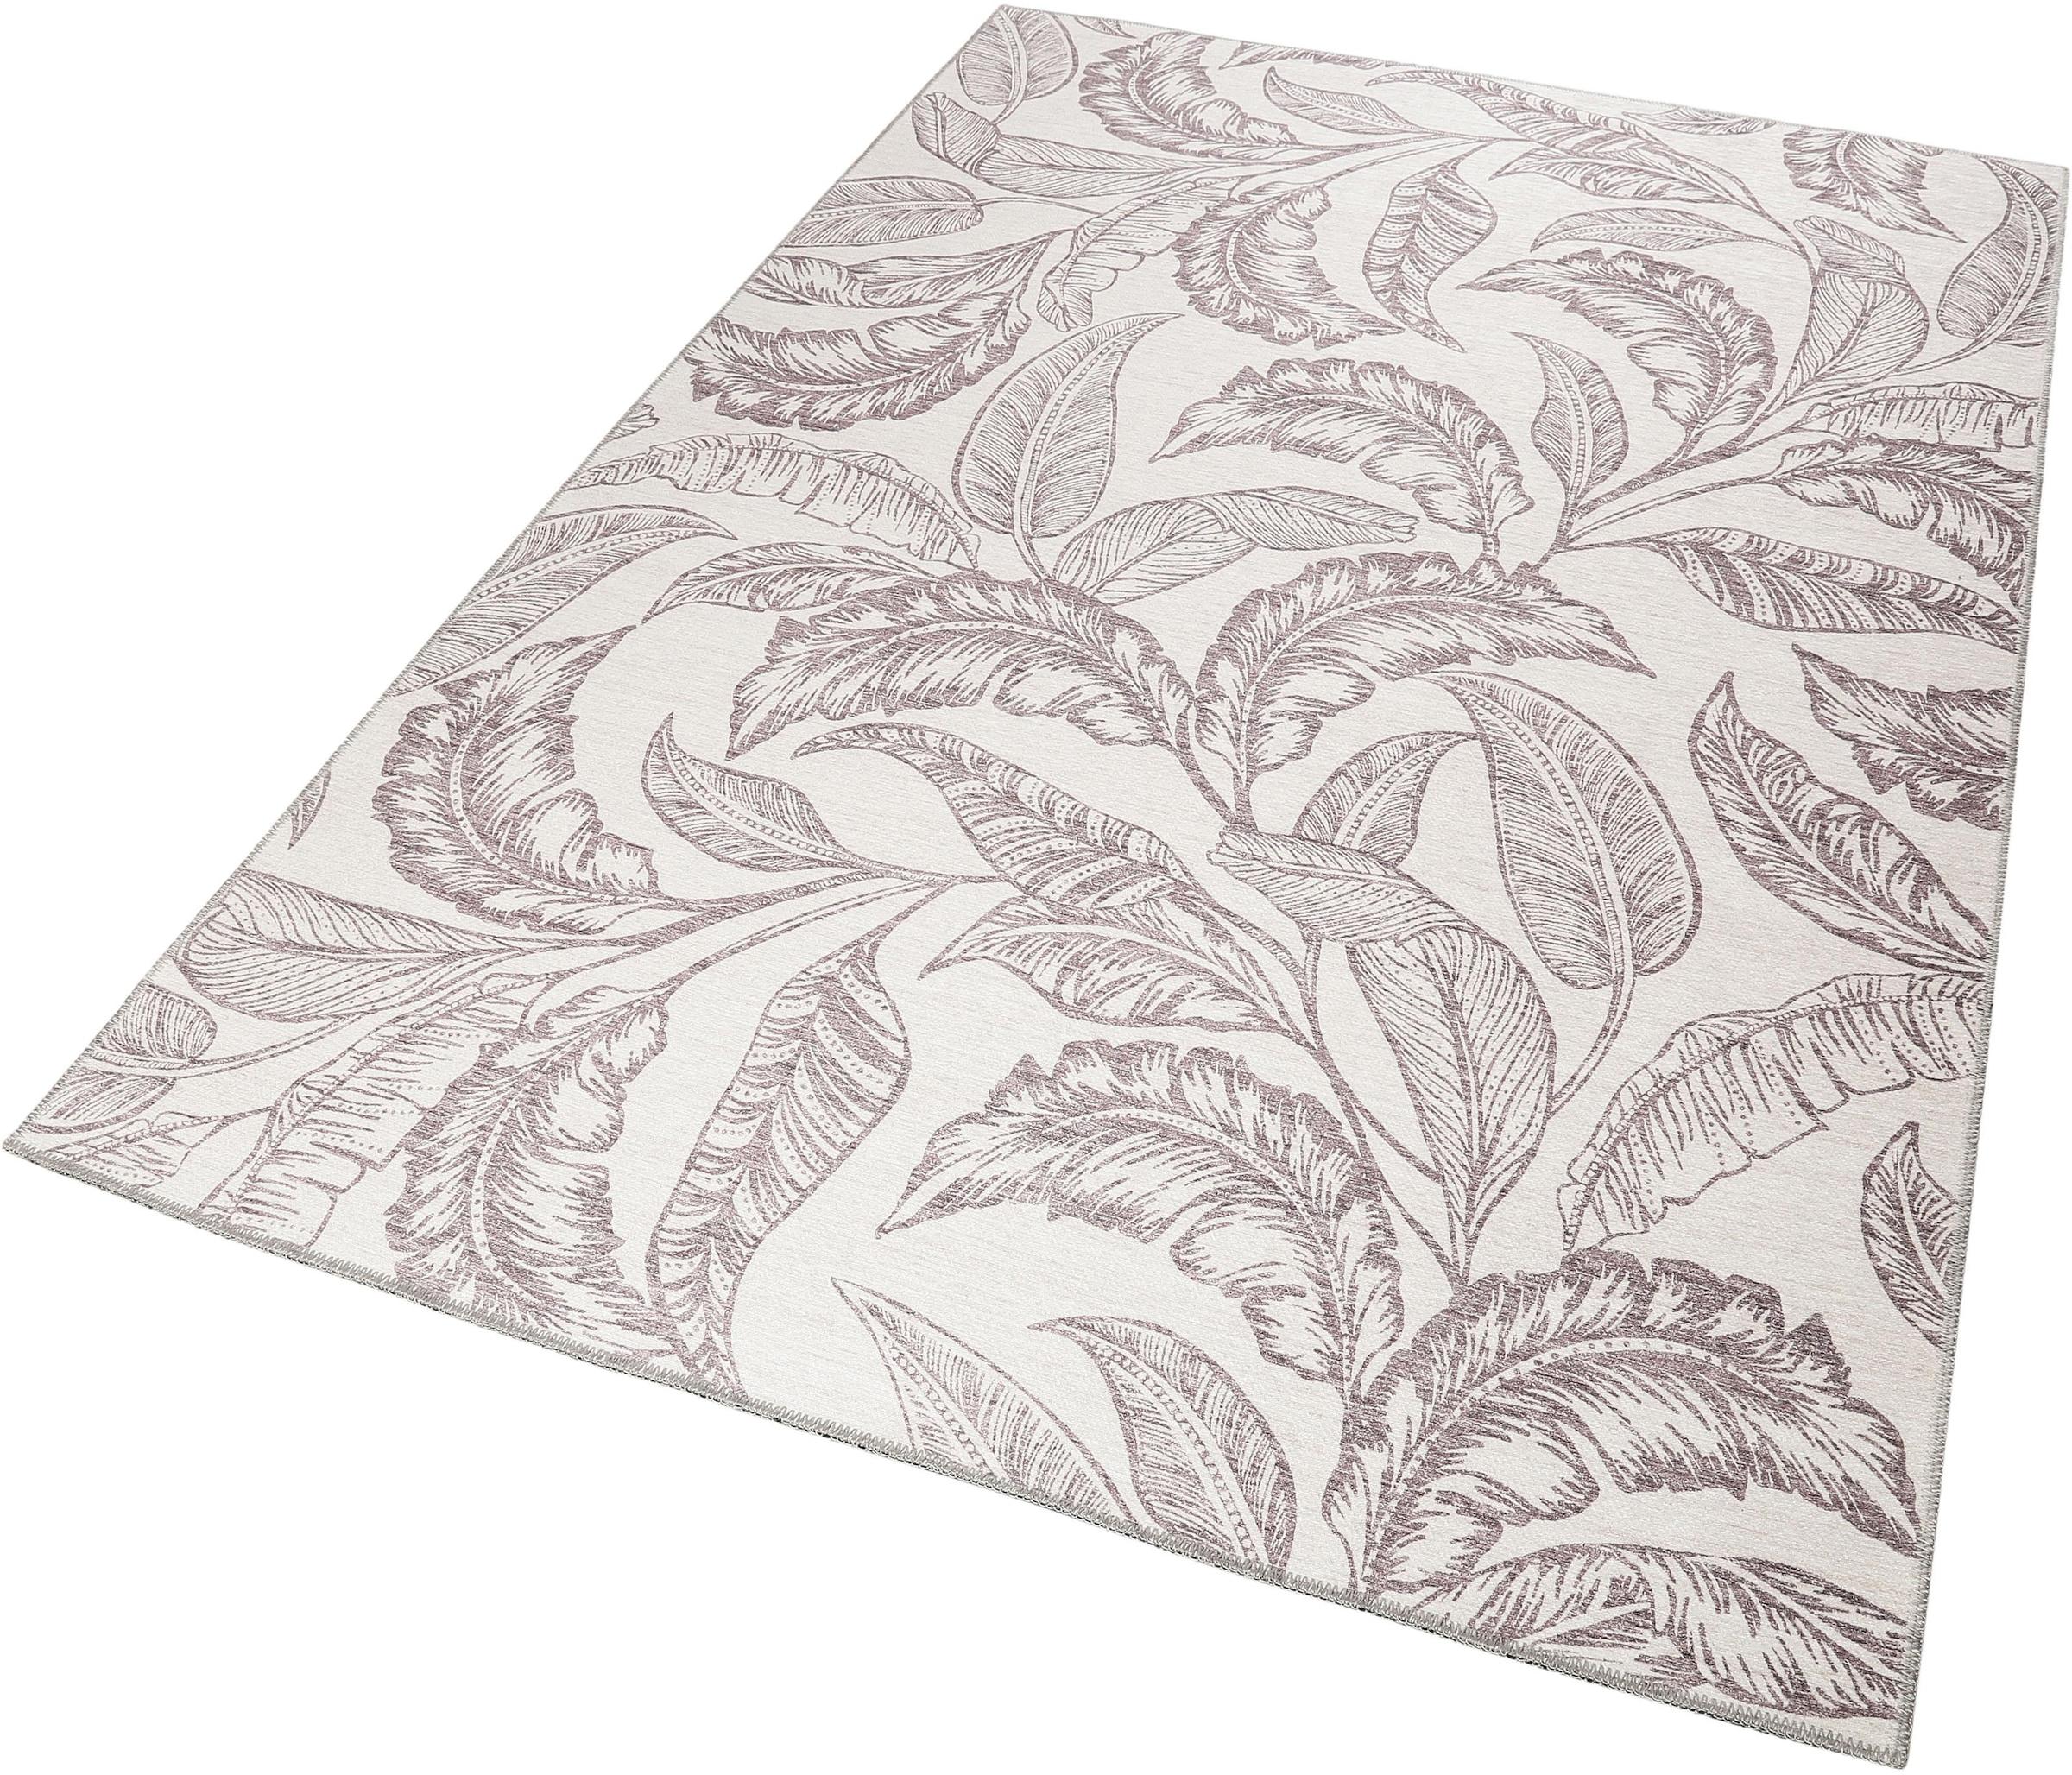 Image of Accessorize Home Teppich »Mozambique Palm«, rechteckig, 6 mm Höhe, Wohnzimmer